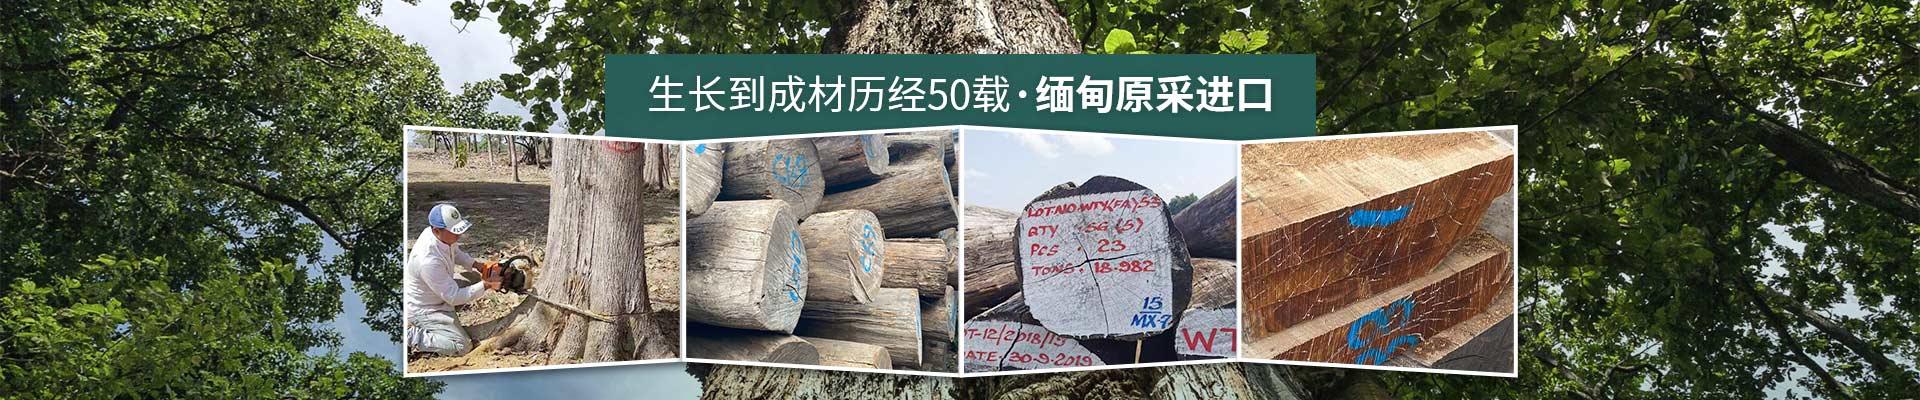 德福林:生长到成材历经50载·缅甸原采进口